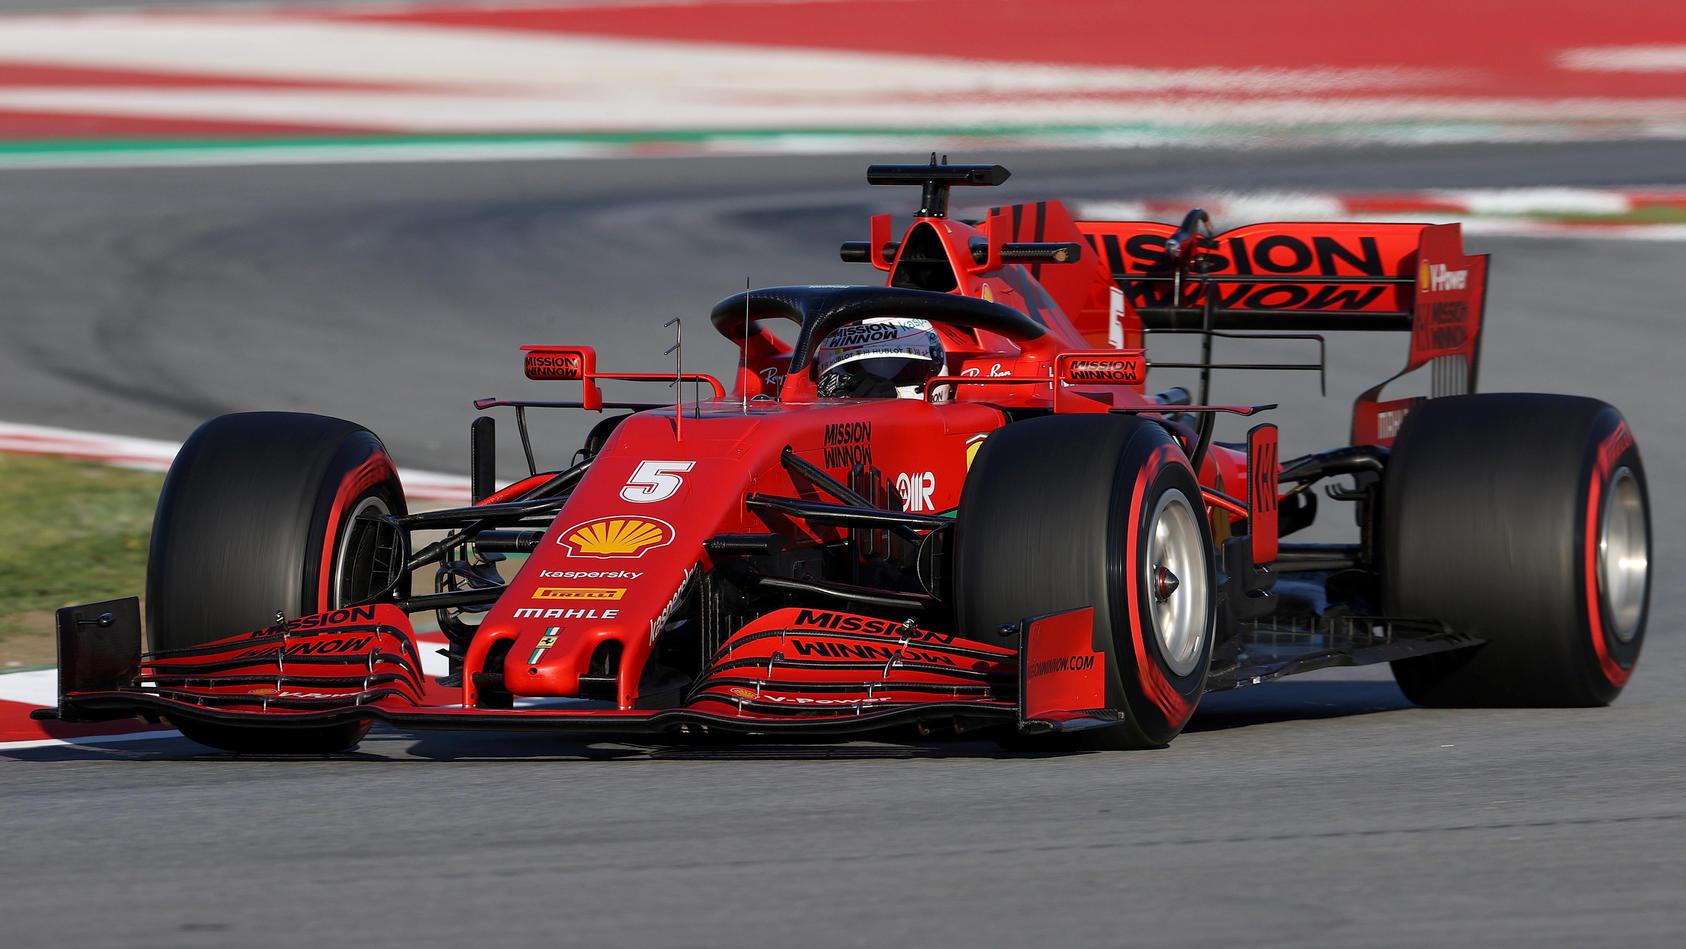 In Vettels Abschiedssaison läuft es gar nicht gut für Ferrari - gibt es ein versöhnliches Ende?